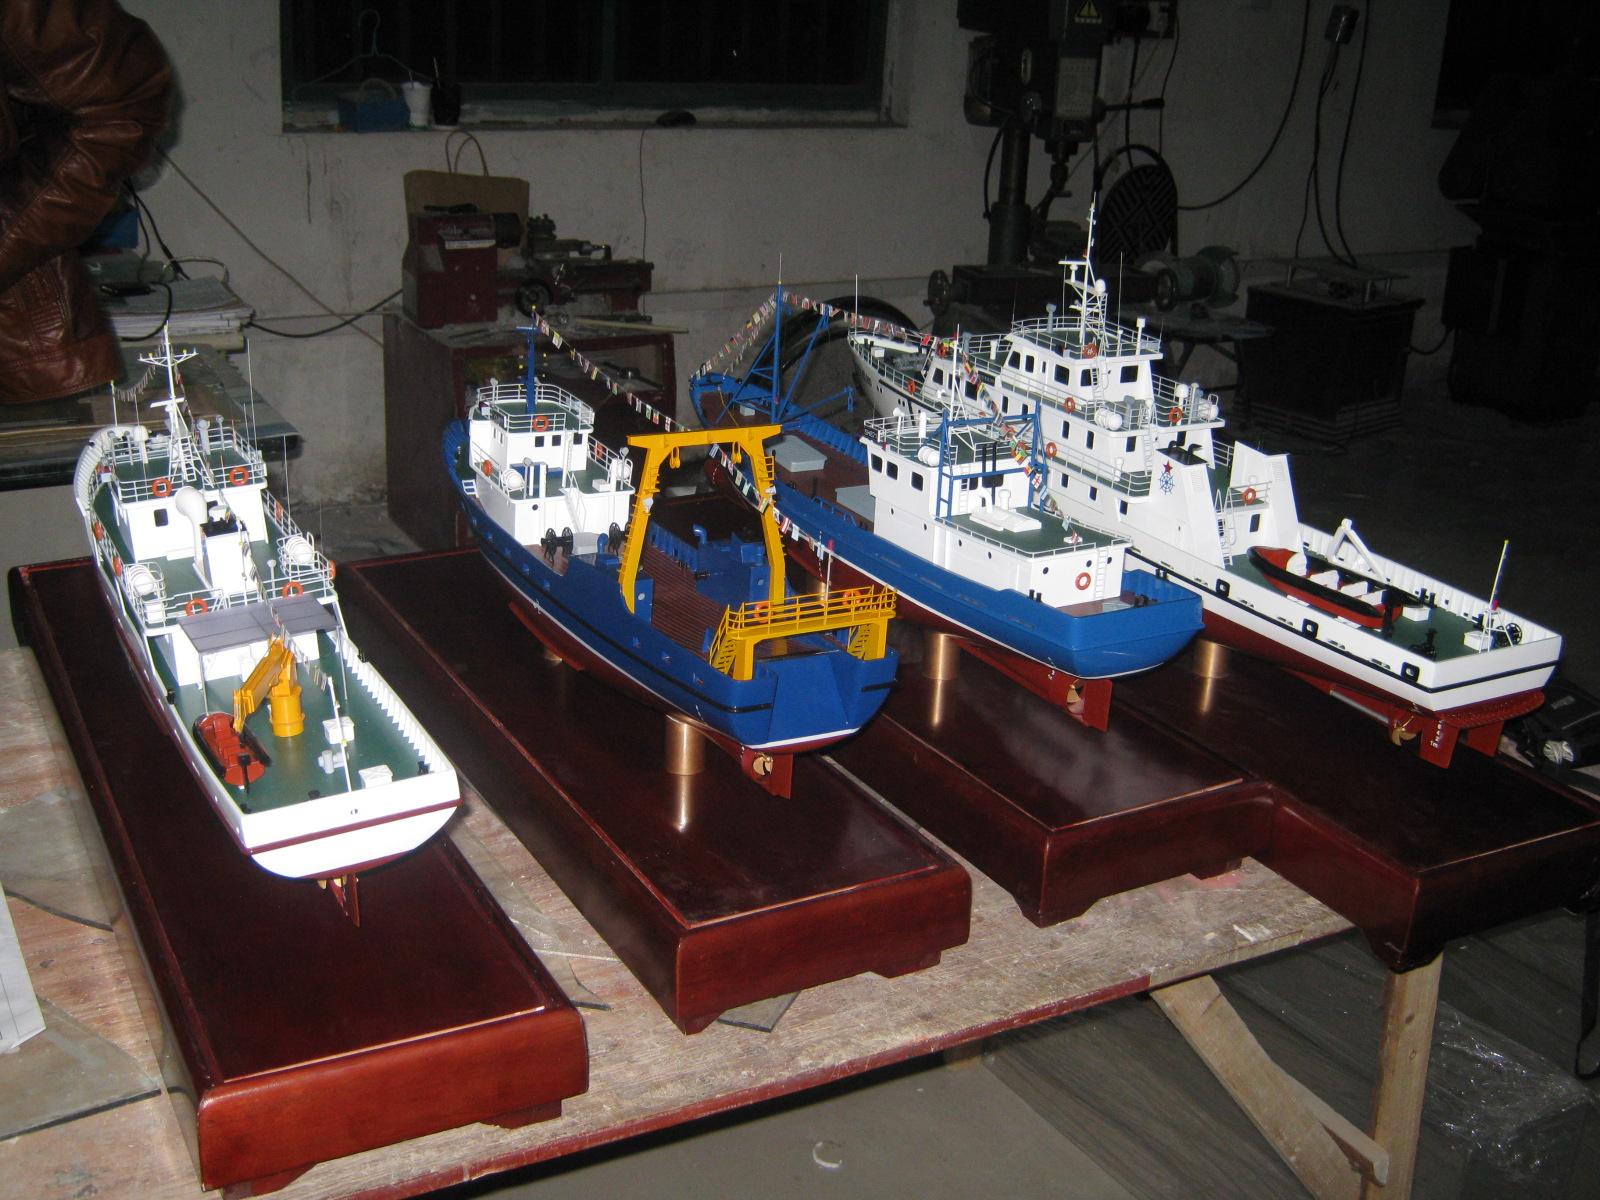 中国渔船研究所渔船1.2米.JPG